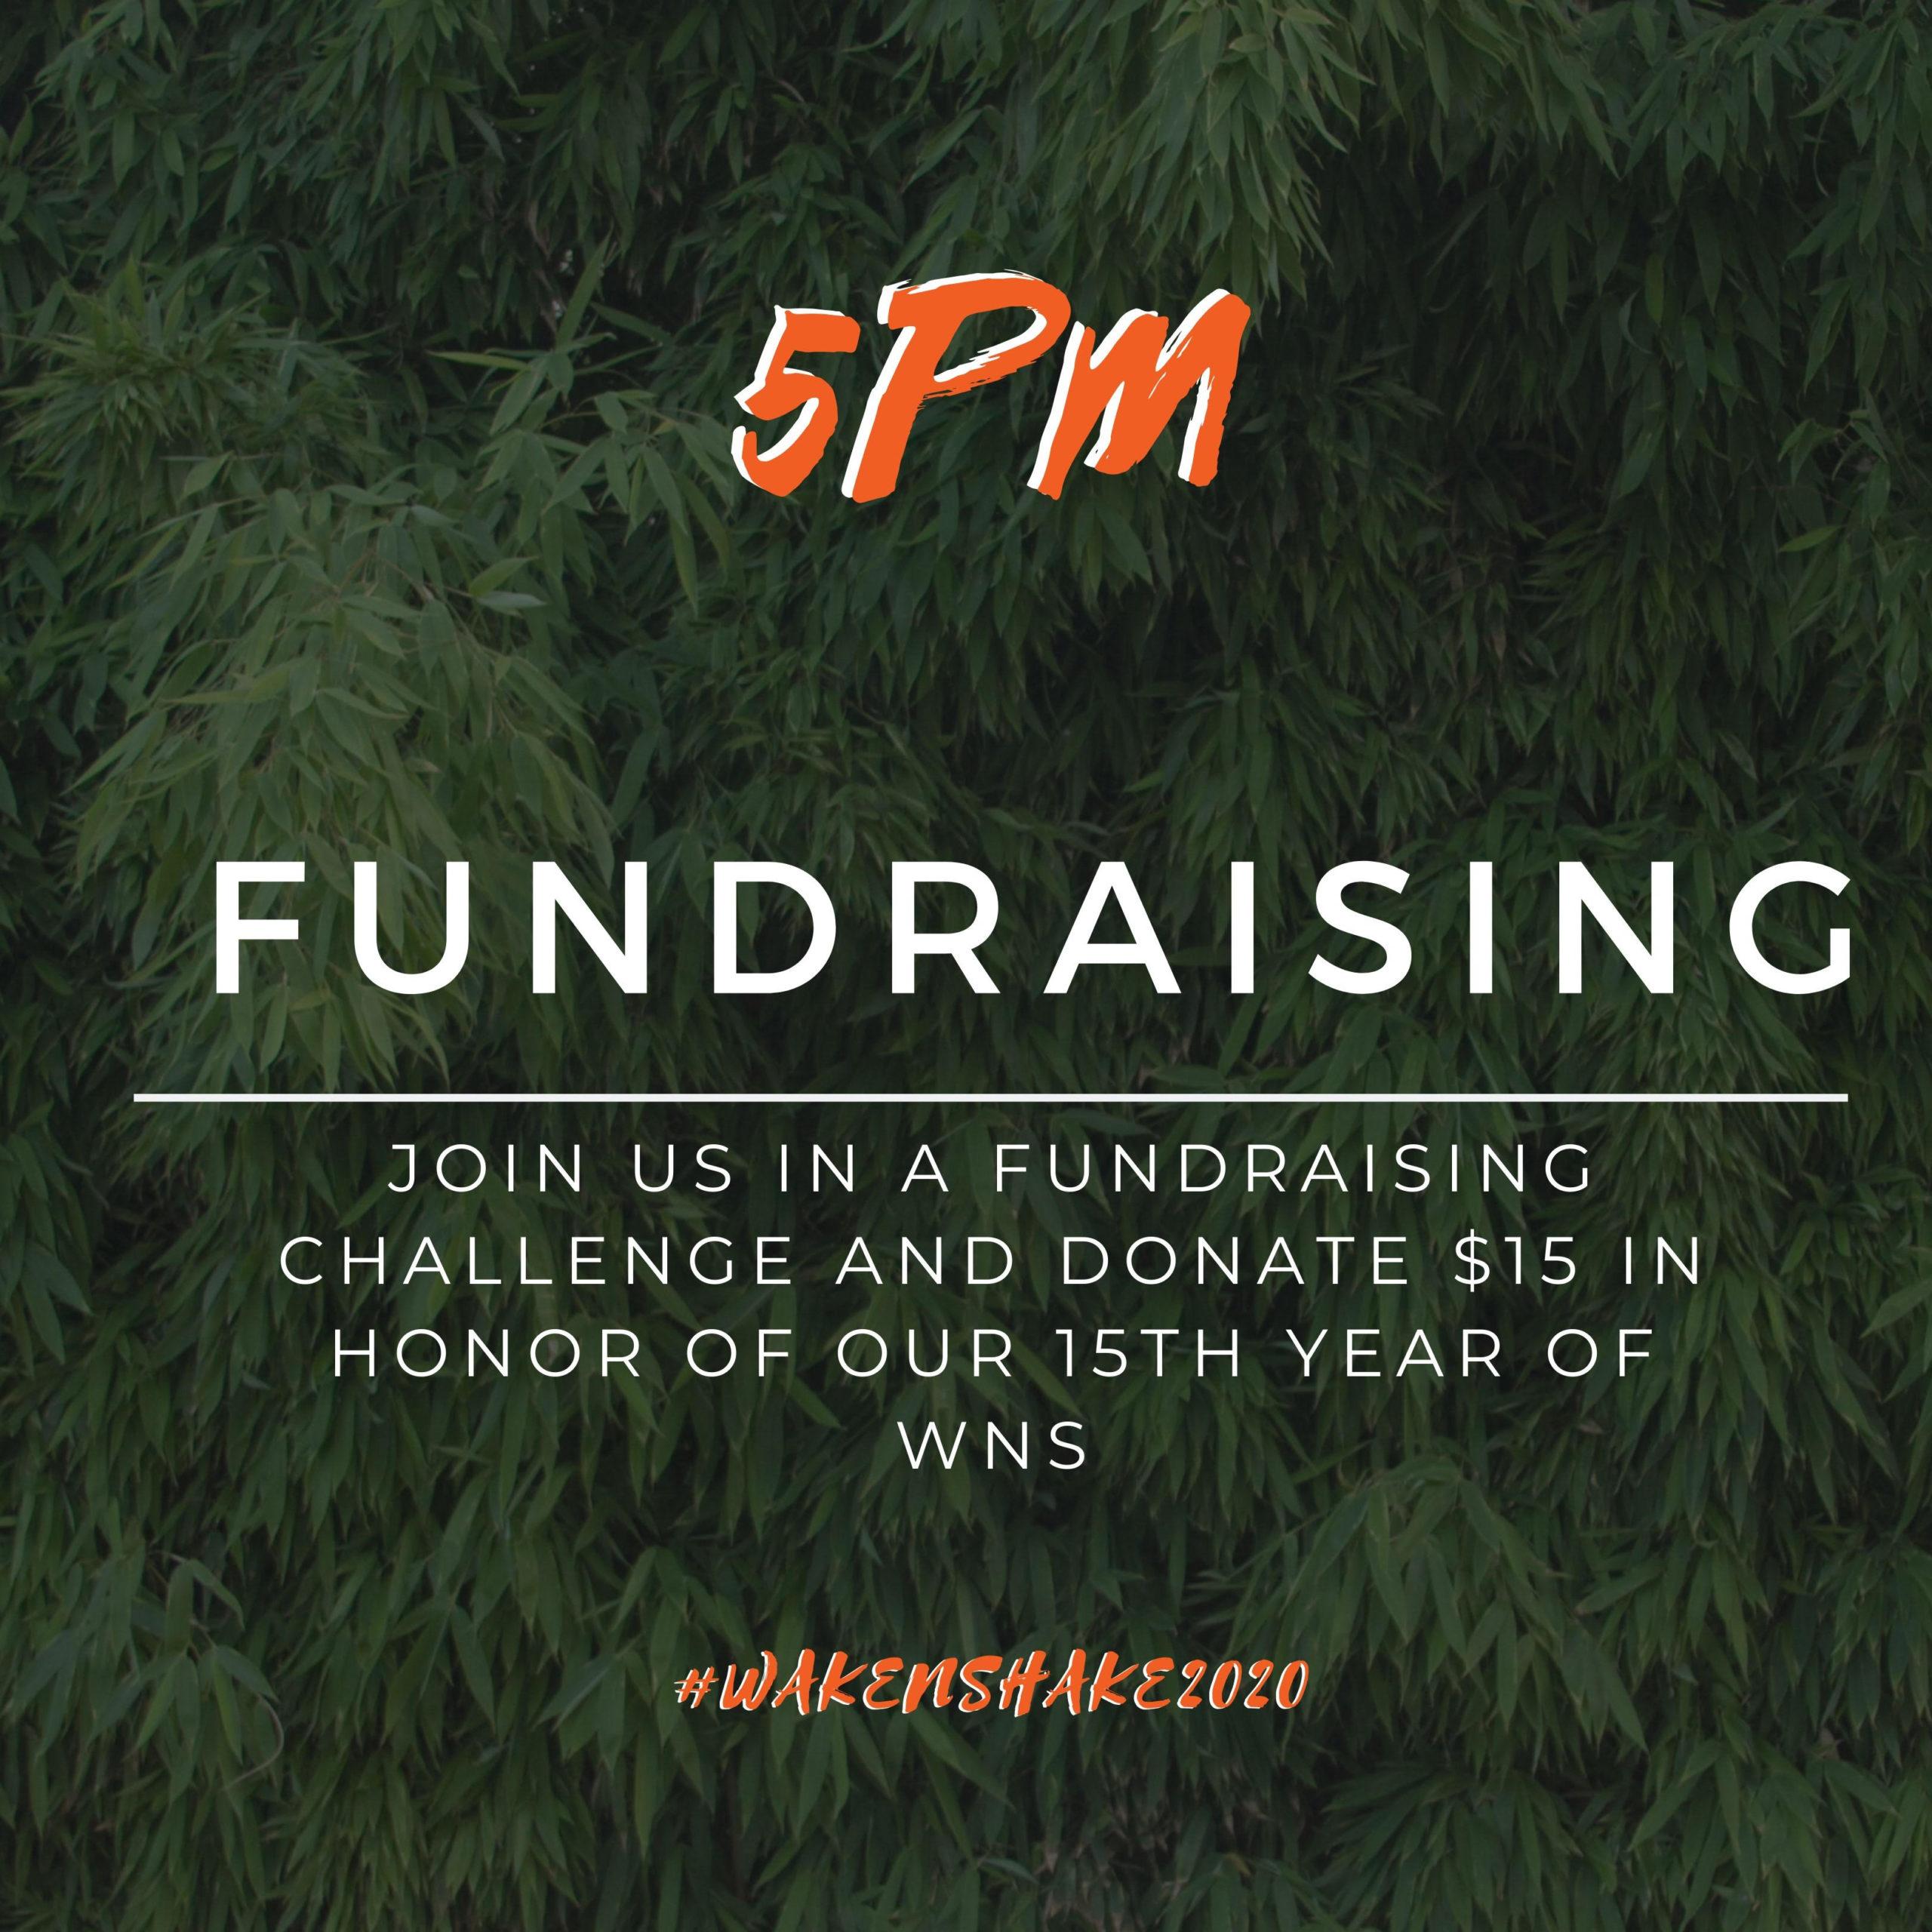 5 pm-fundraising